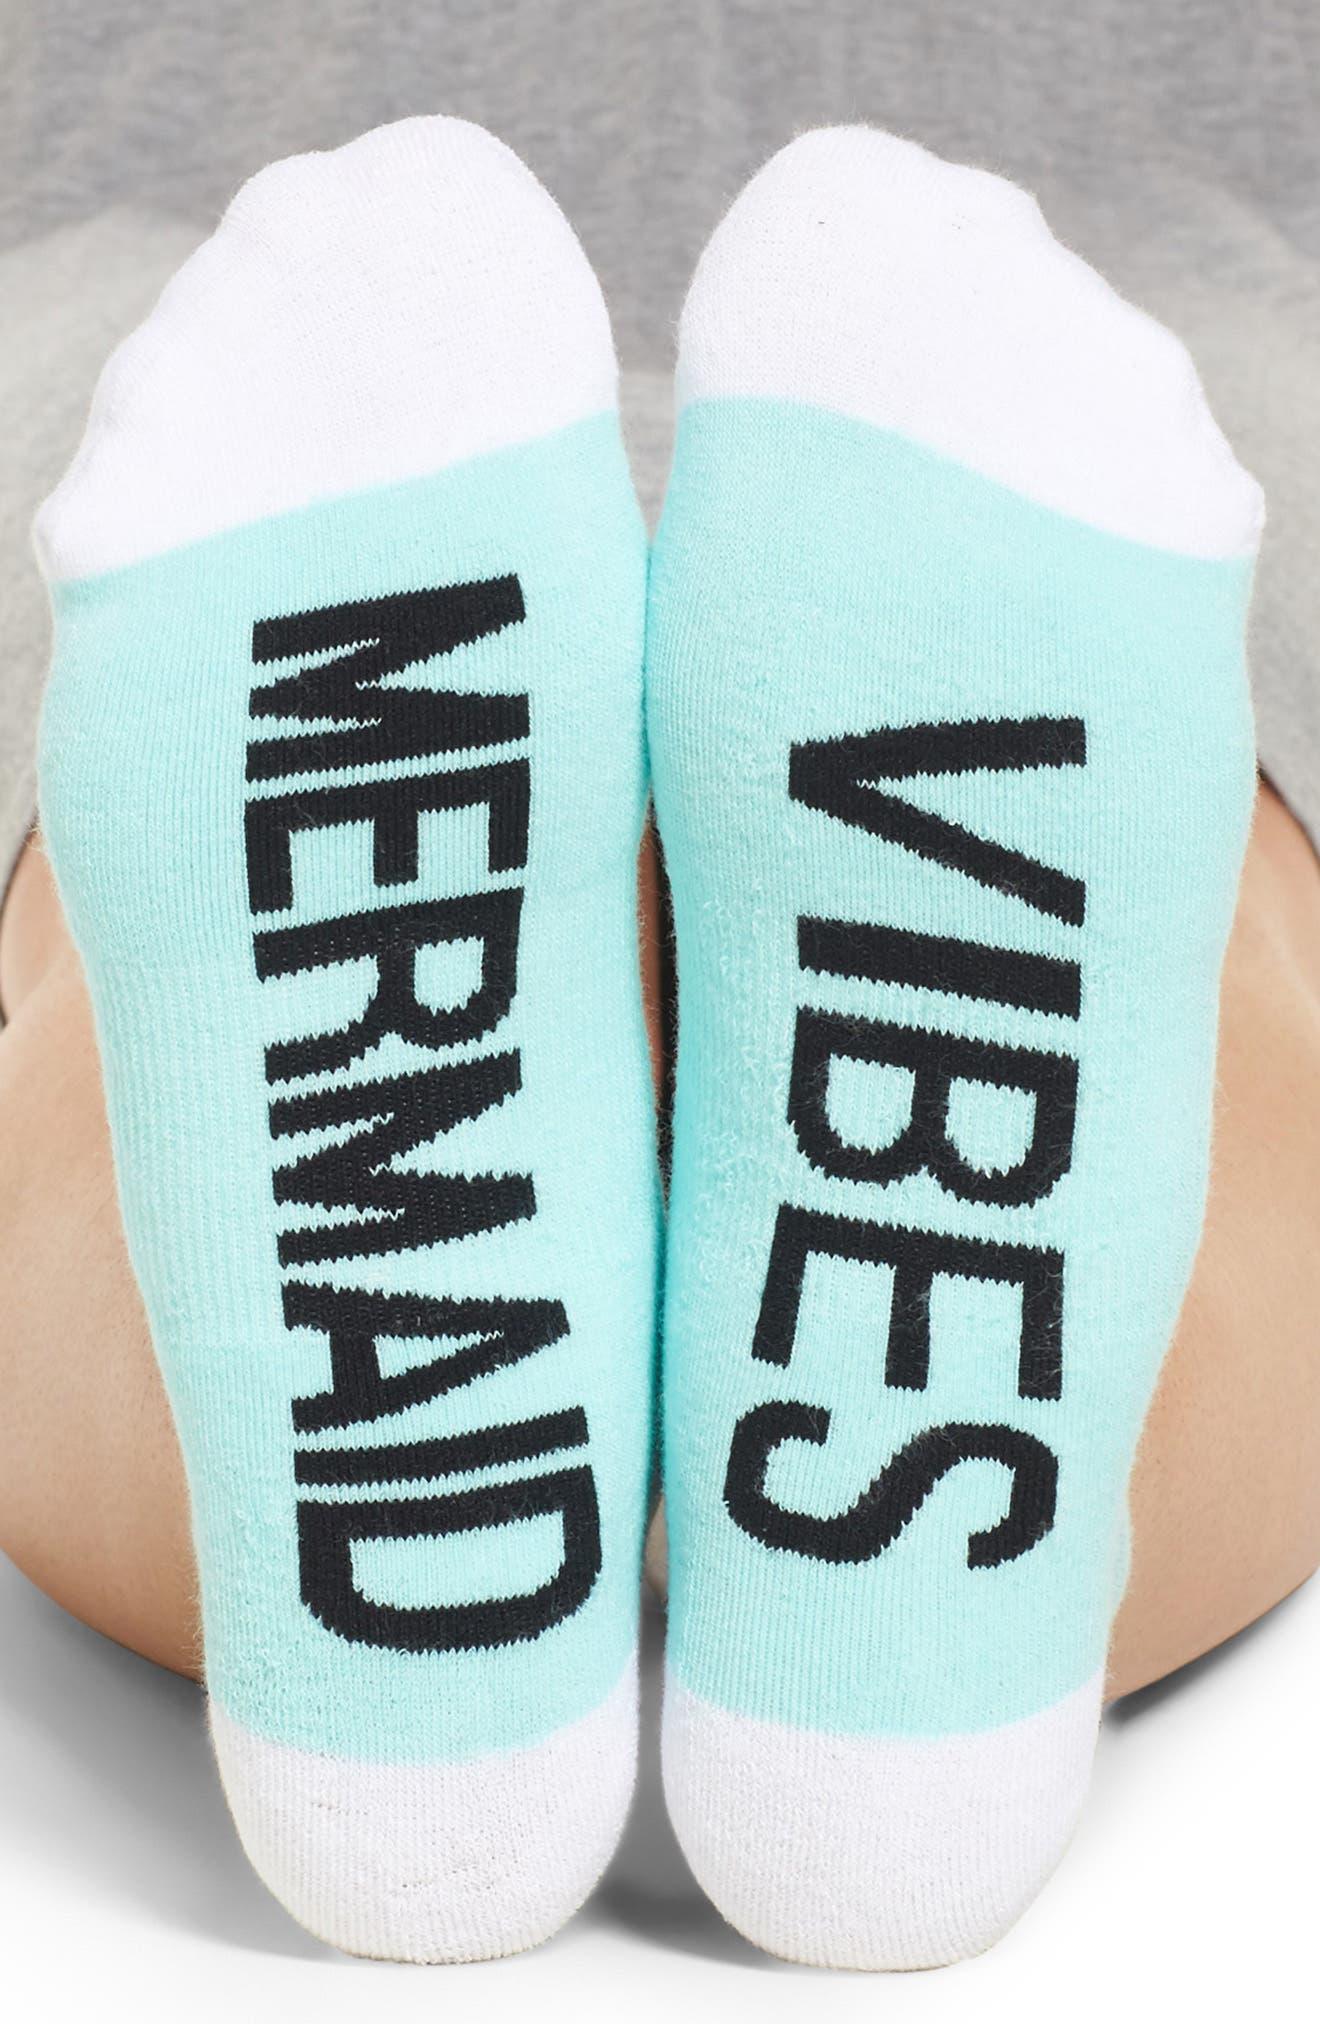 Mermaid Vibes Ankle Socks,                         Main,                         color, Mint